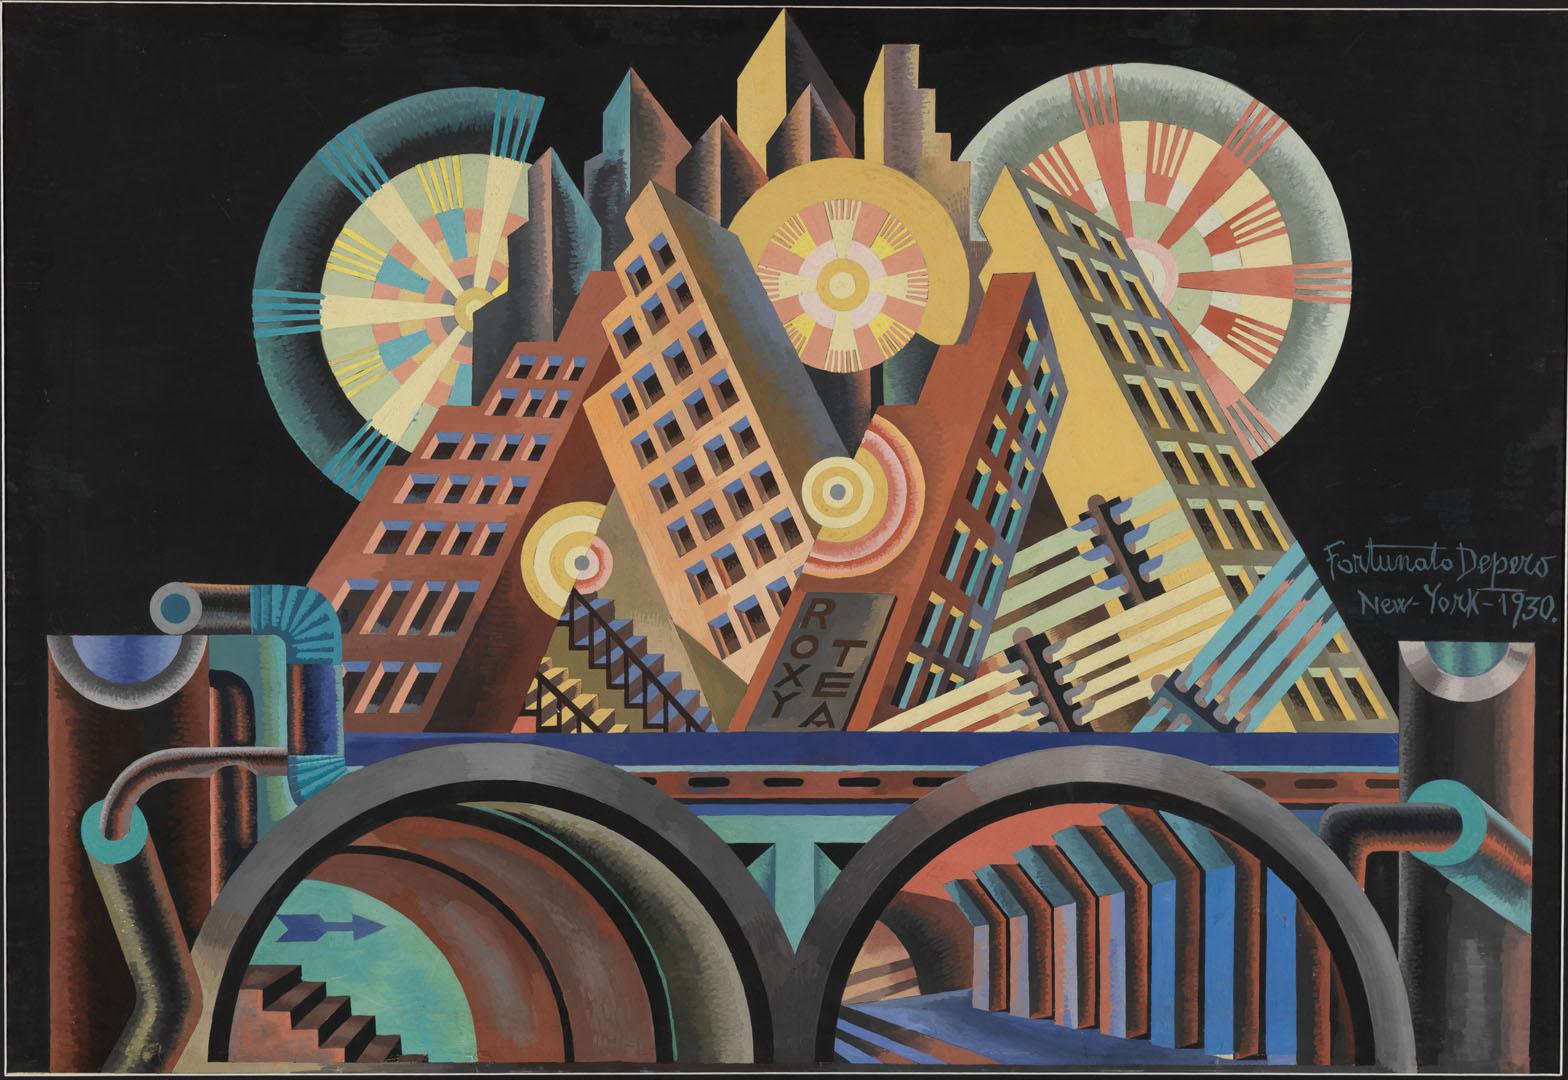 """Fortunato Depero, """"Grattacieli e tunnel"""", 1930, Mart, Fondo Depero"""